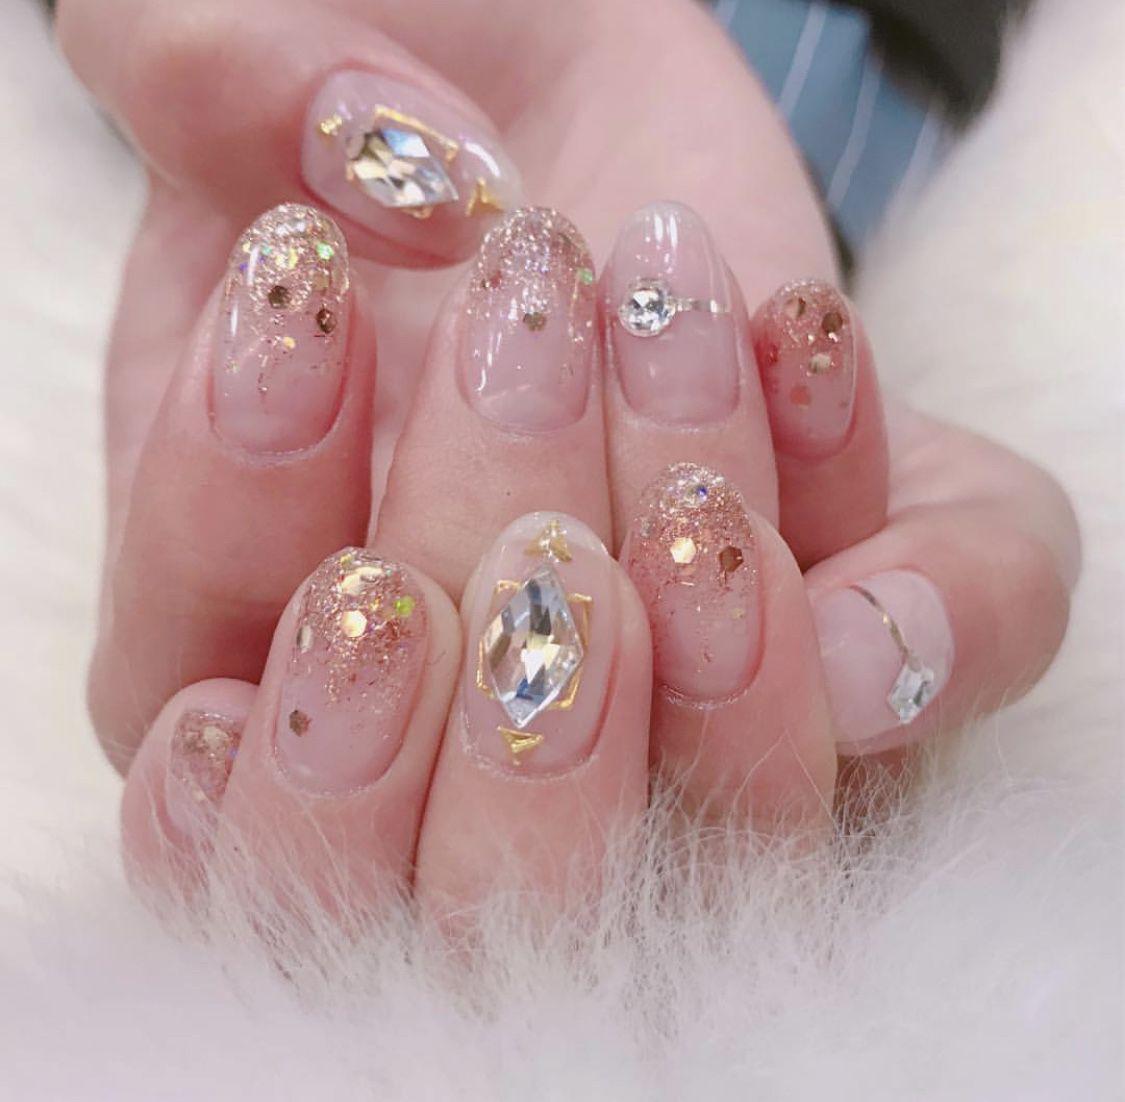 Korean bling nail design  #koreannailart